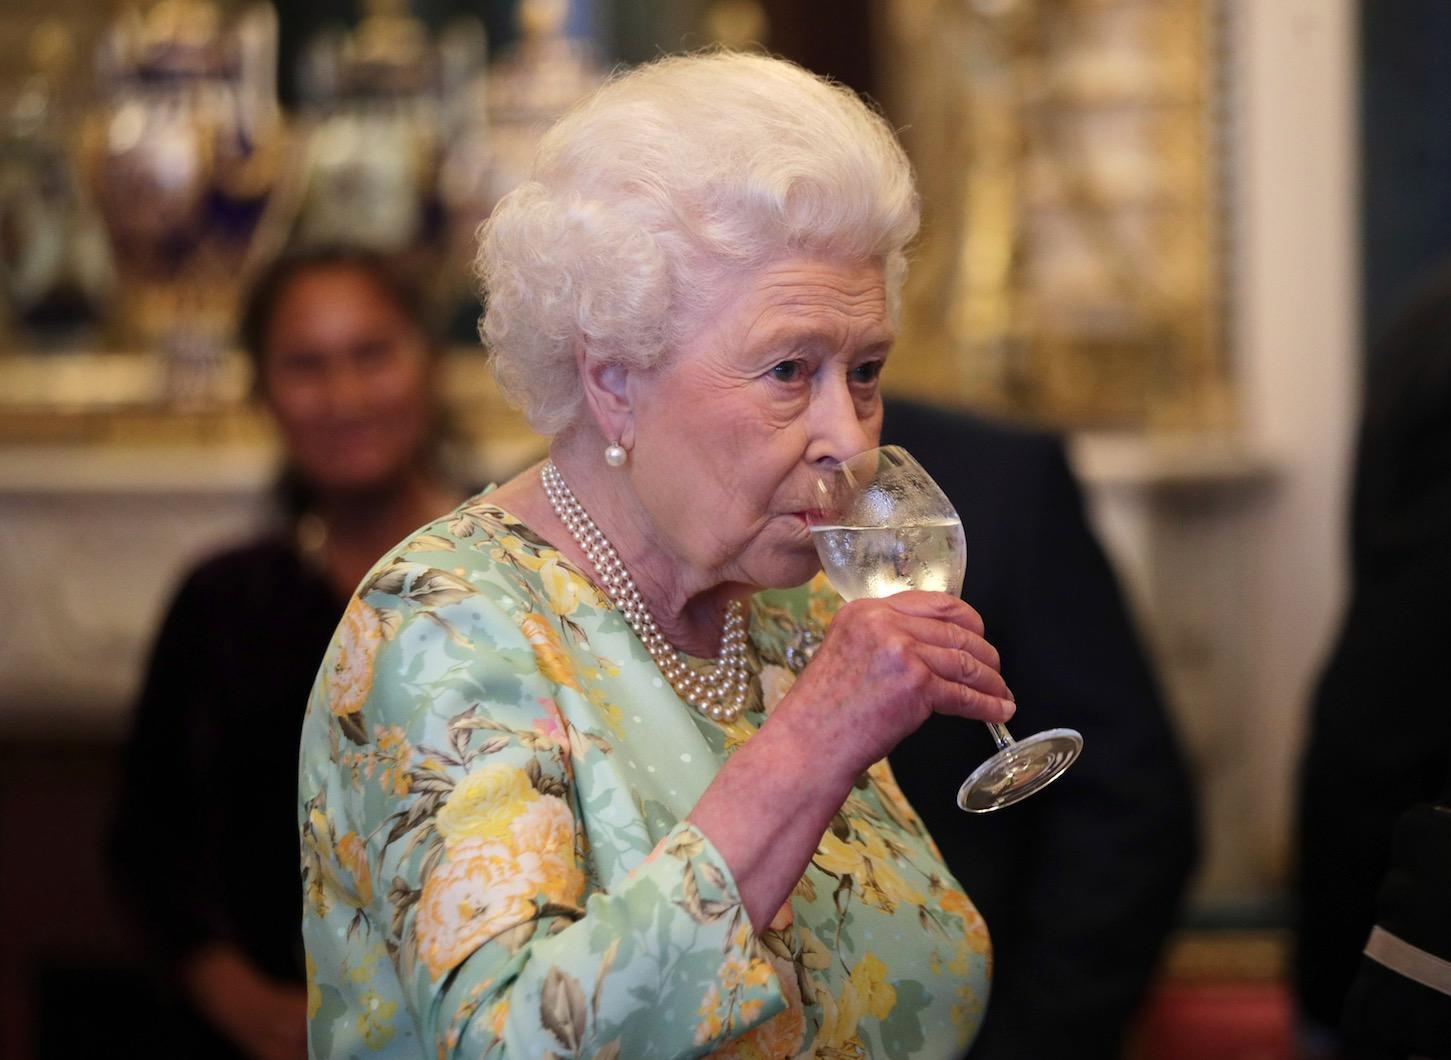 أفعال غير قانونية لا يحق إلا للملكة اليزابيث أن تفعلها